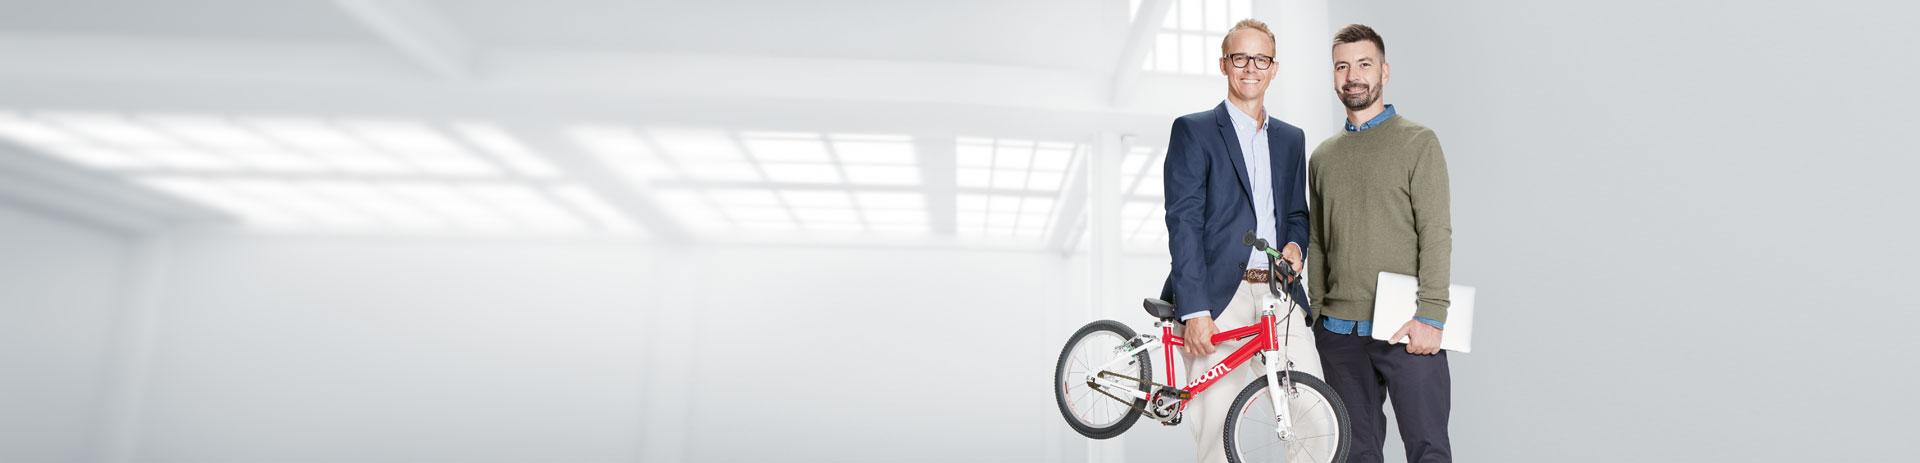 Zwei Business-Leute stehen mit Kinderrad und Notebook in einer Fabrikhalle